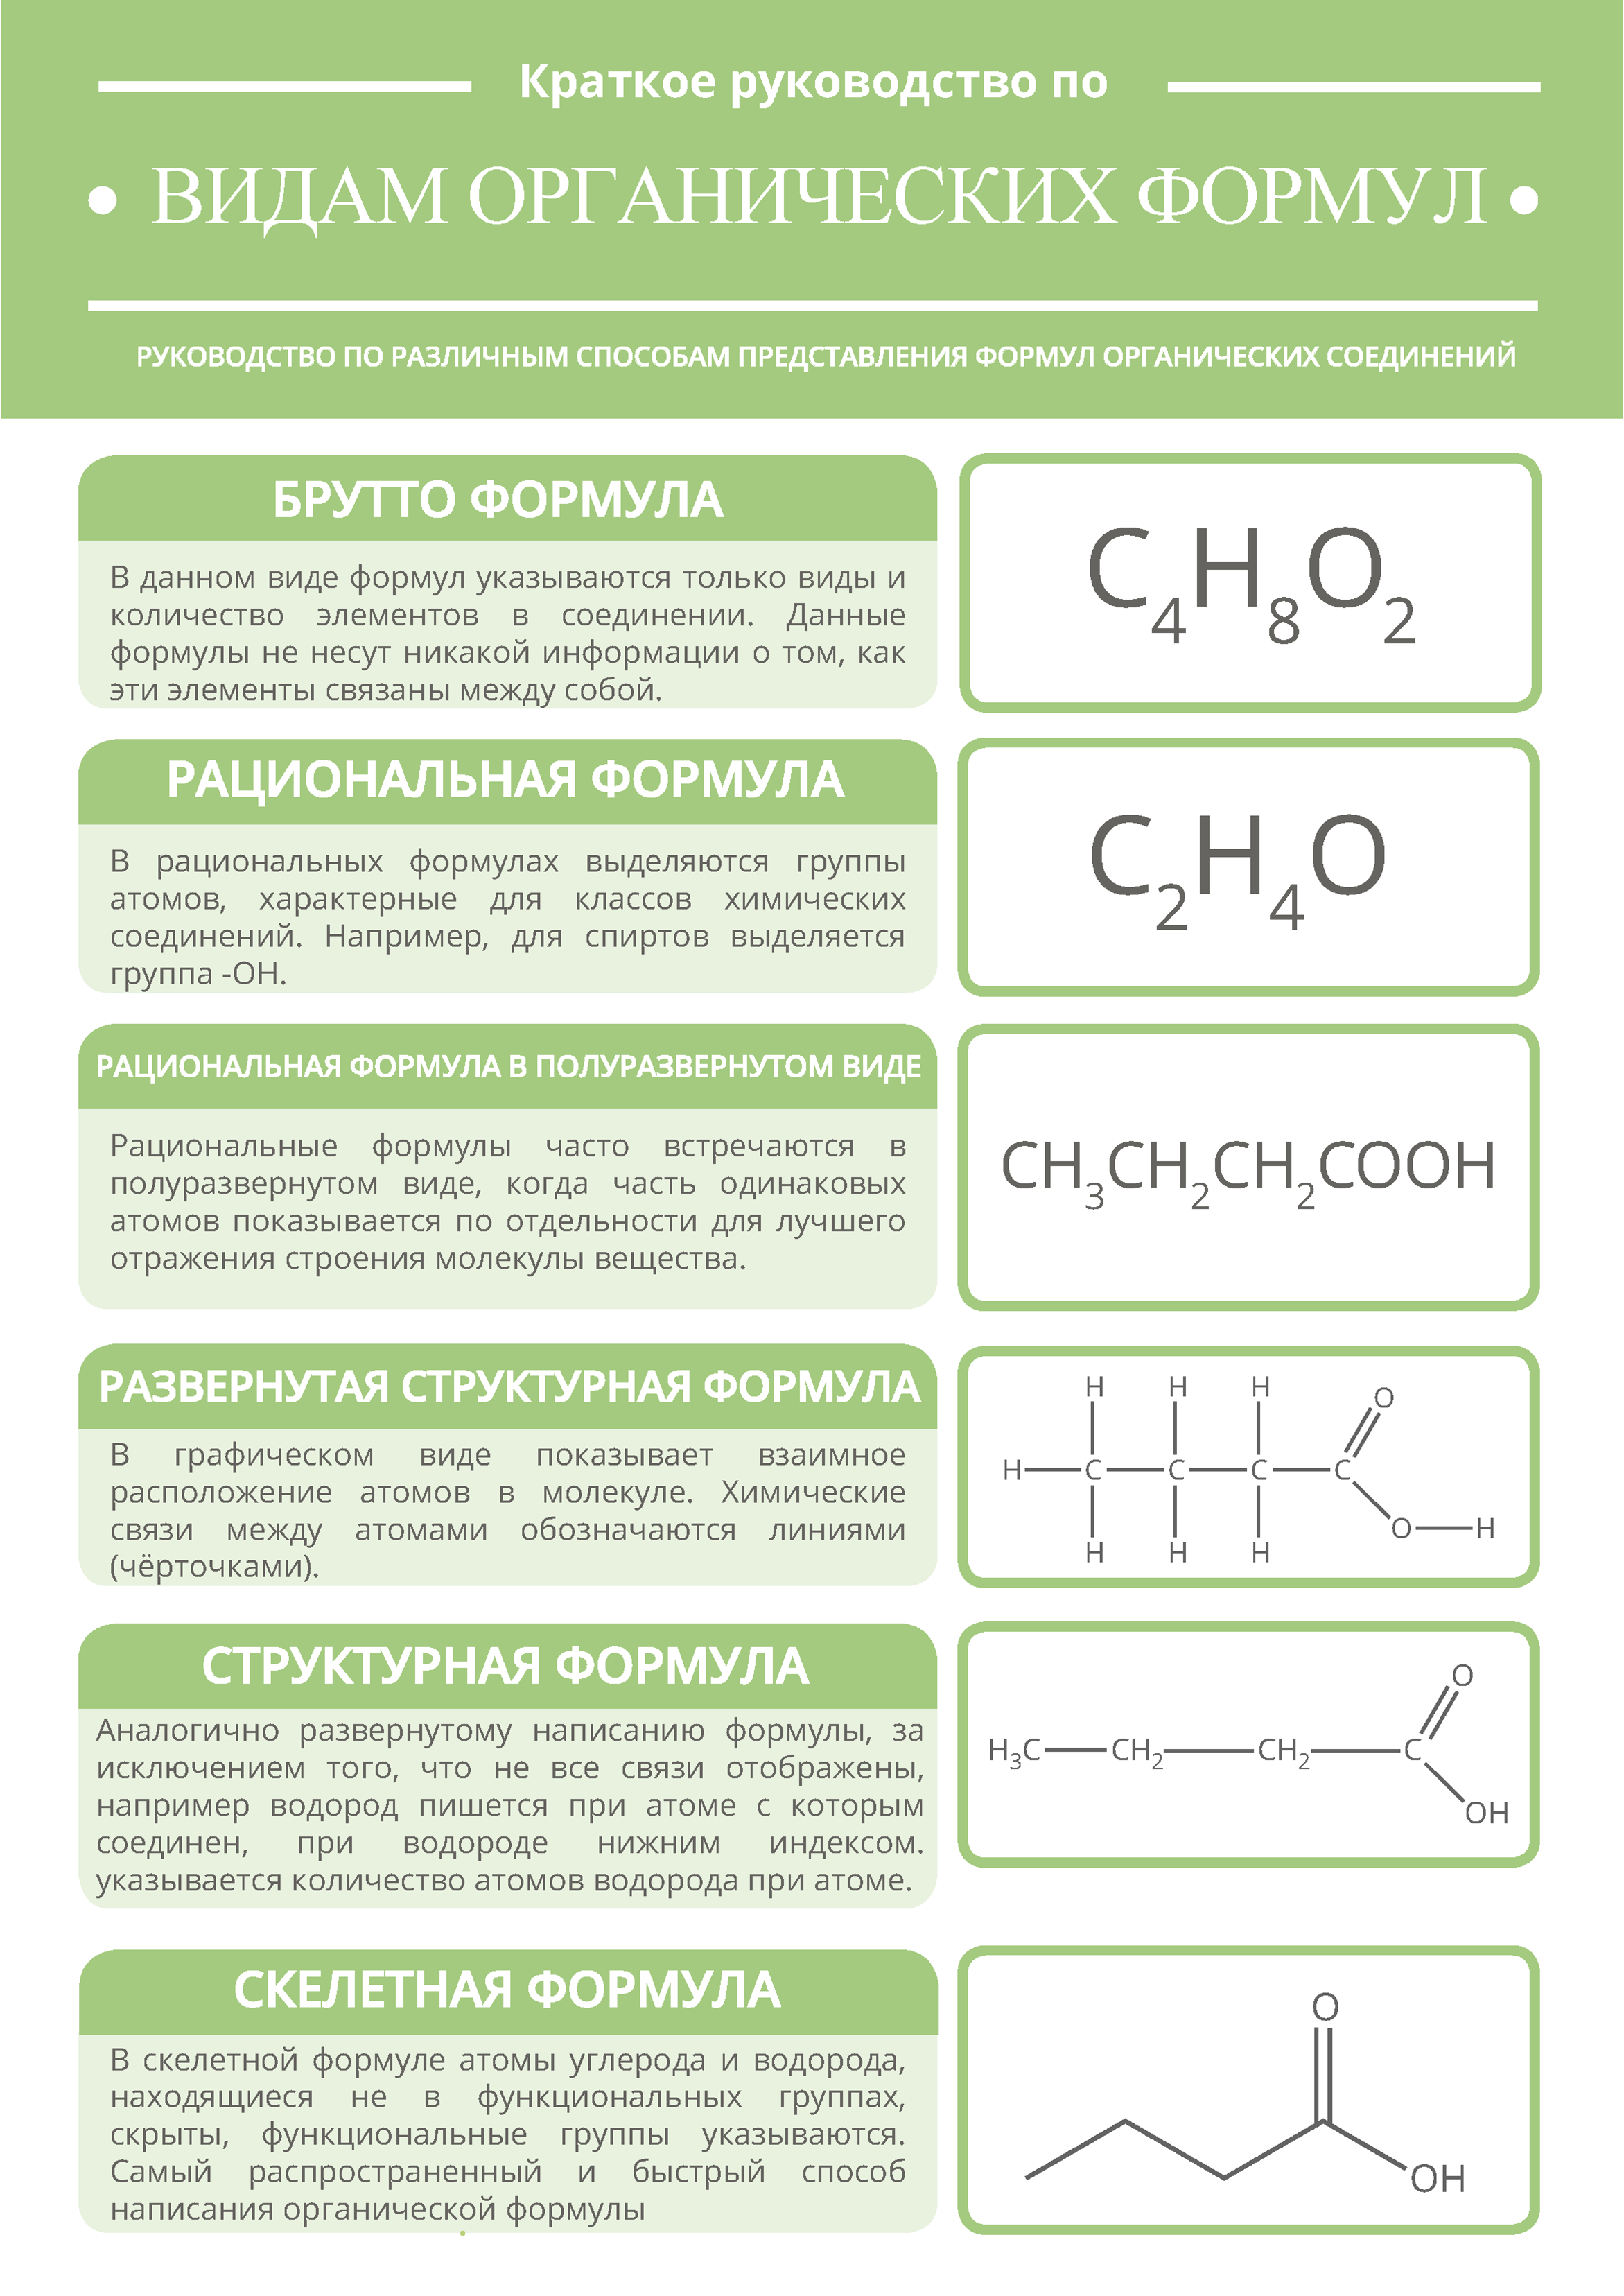 Виды формул в органической химии